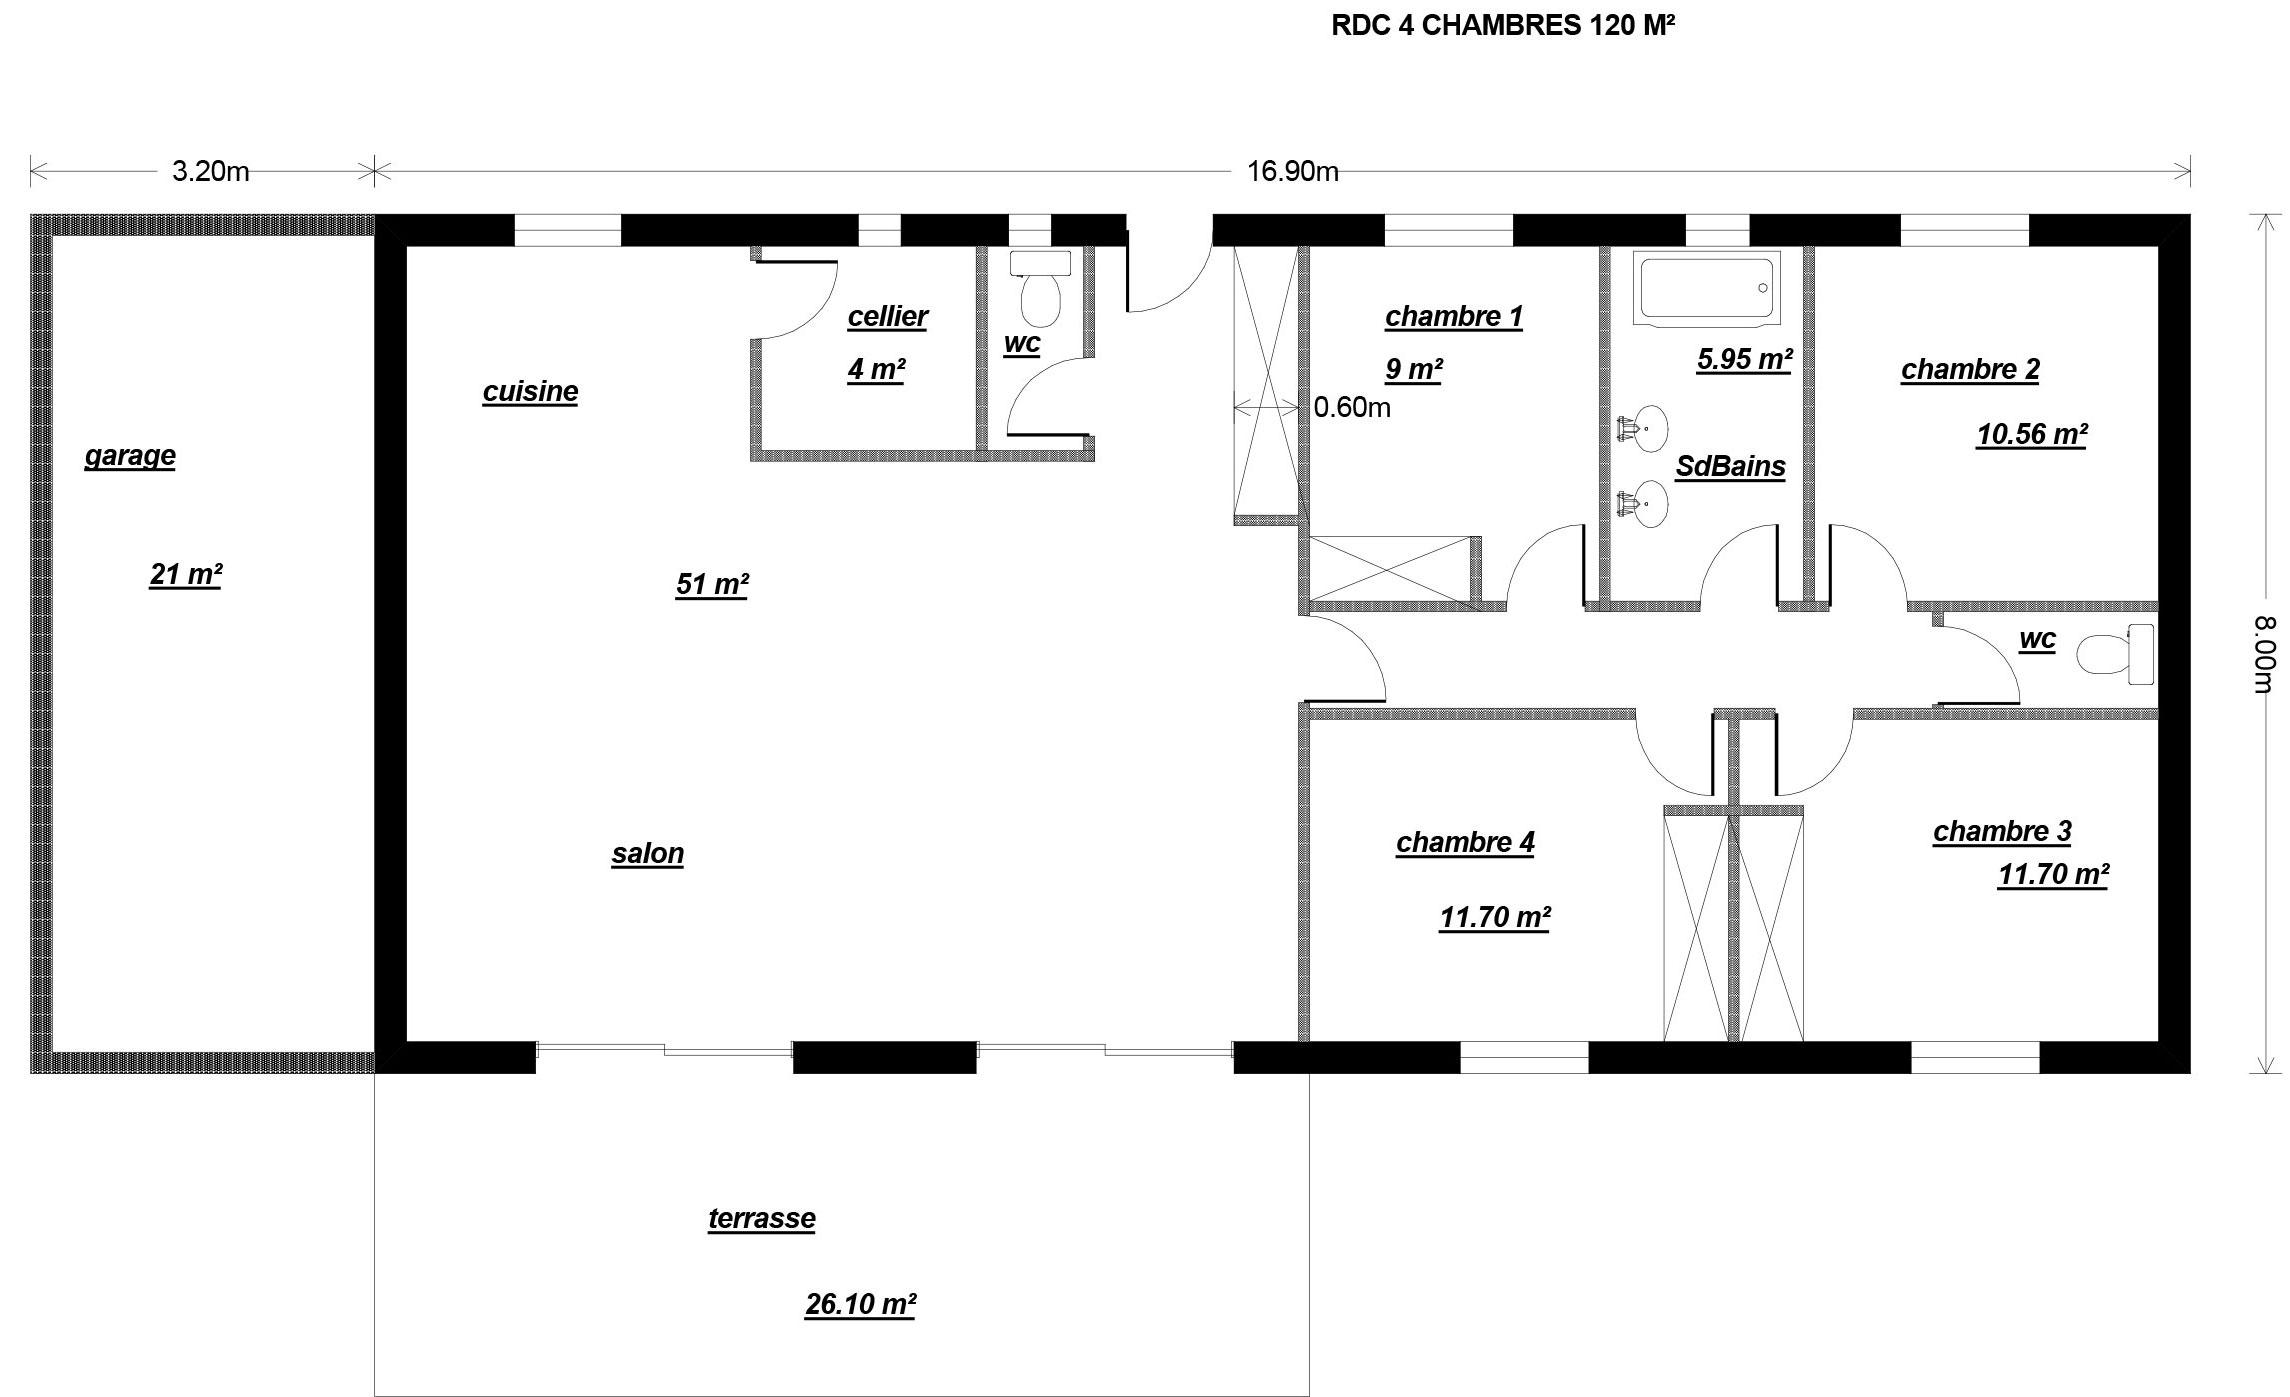 maison plain pied 120 metres carres